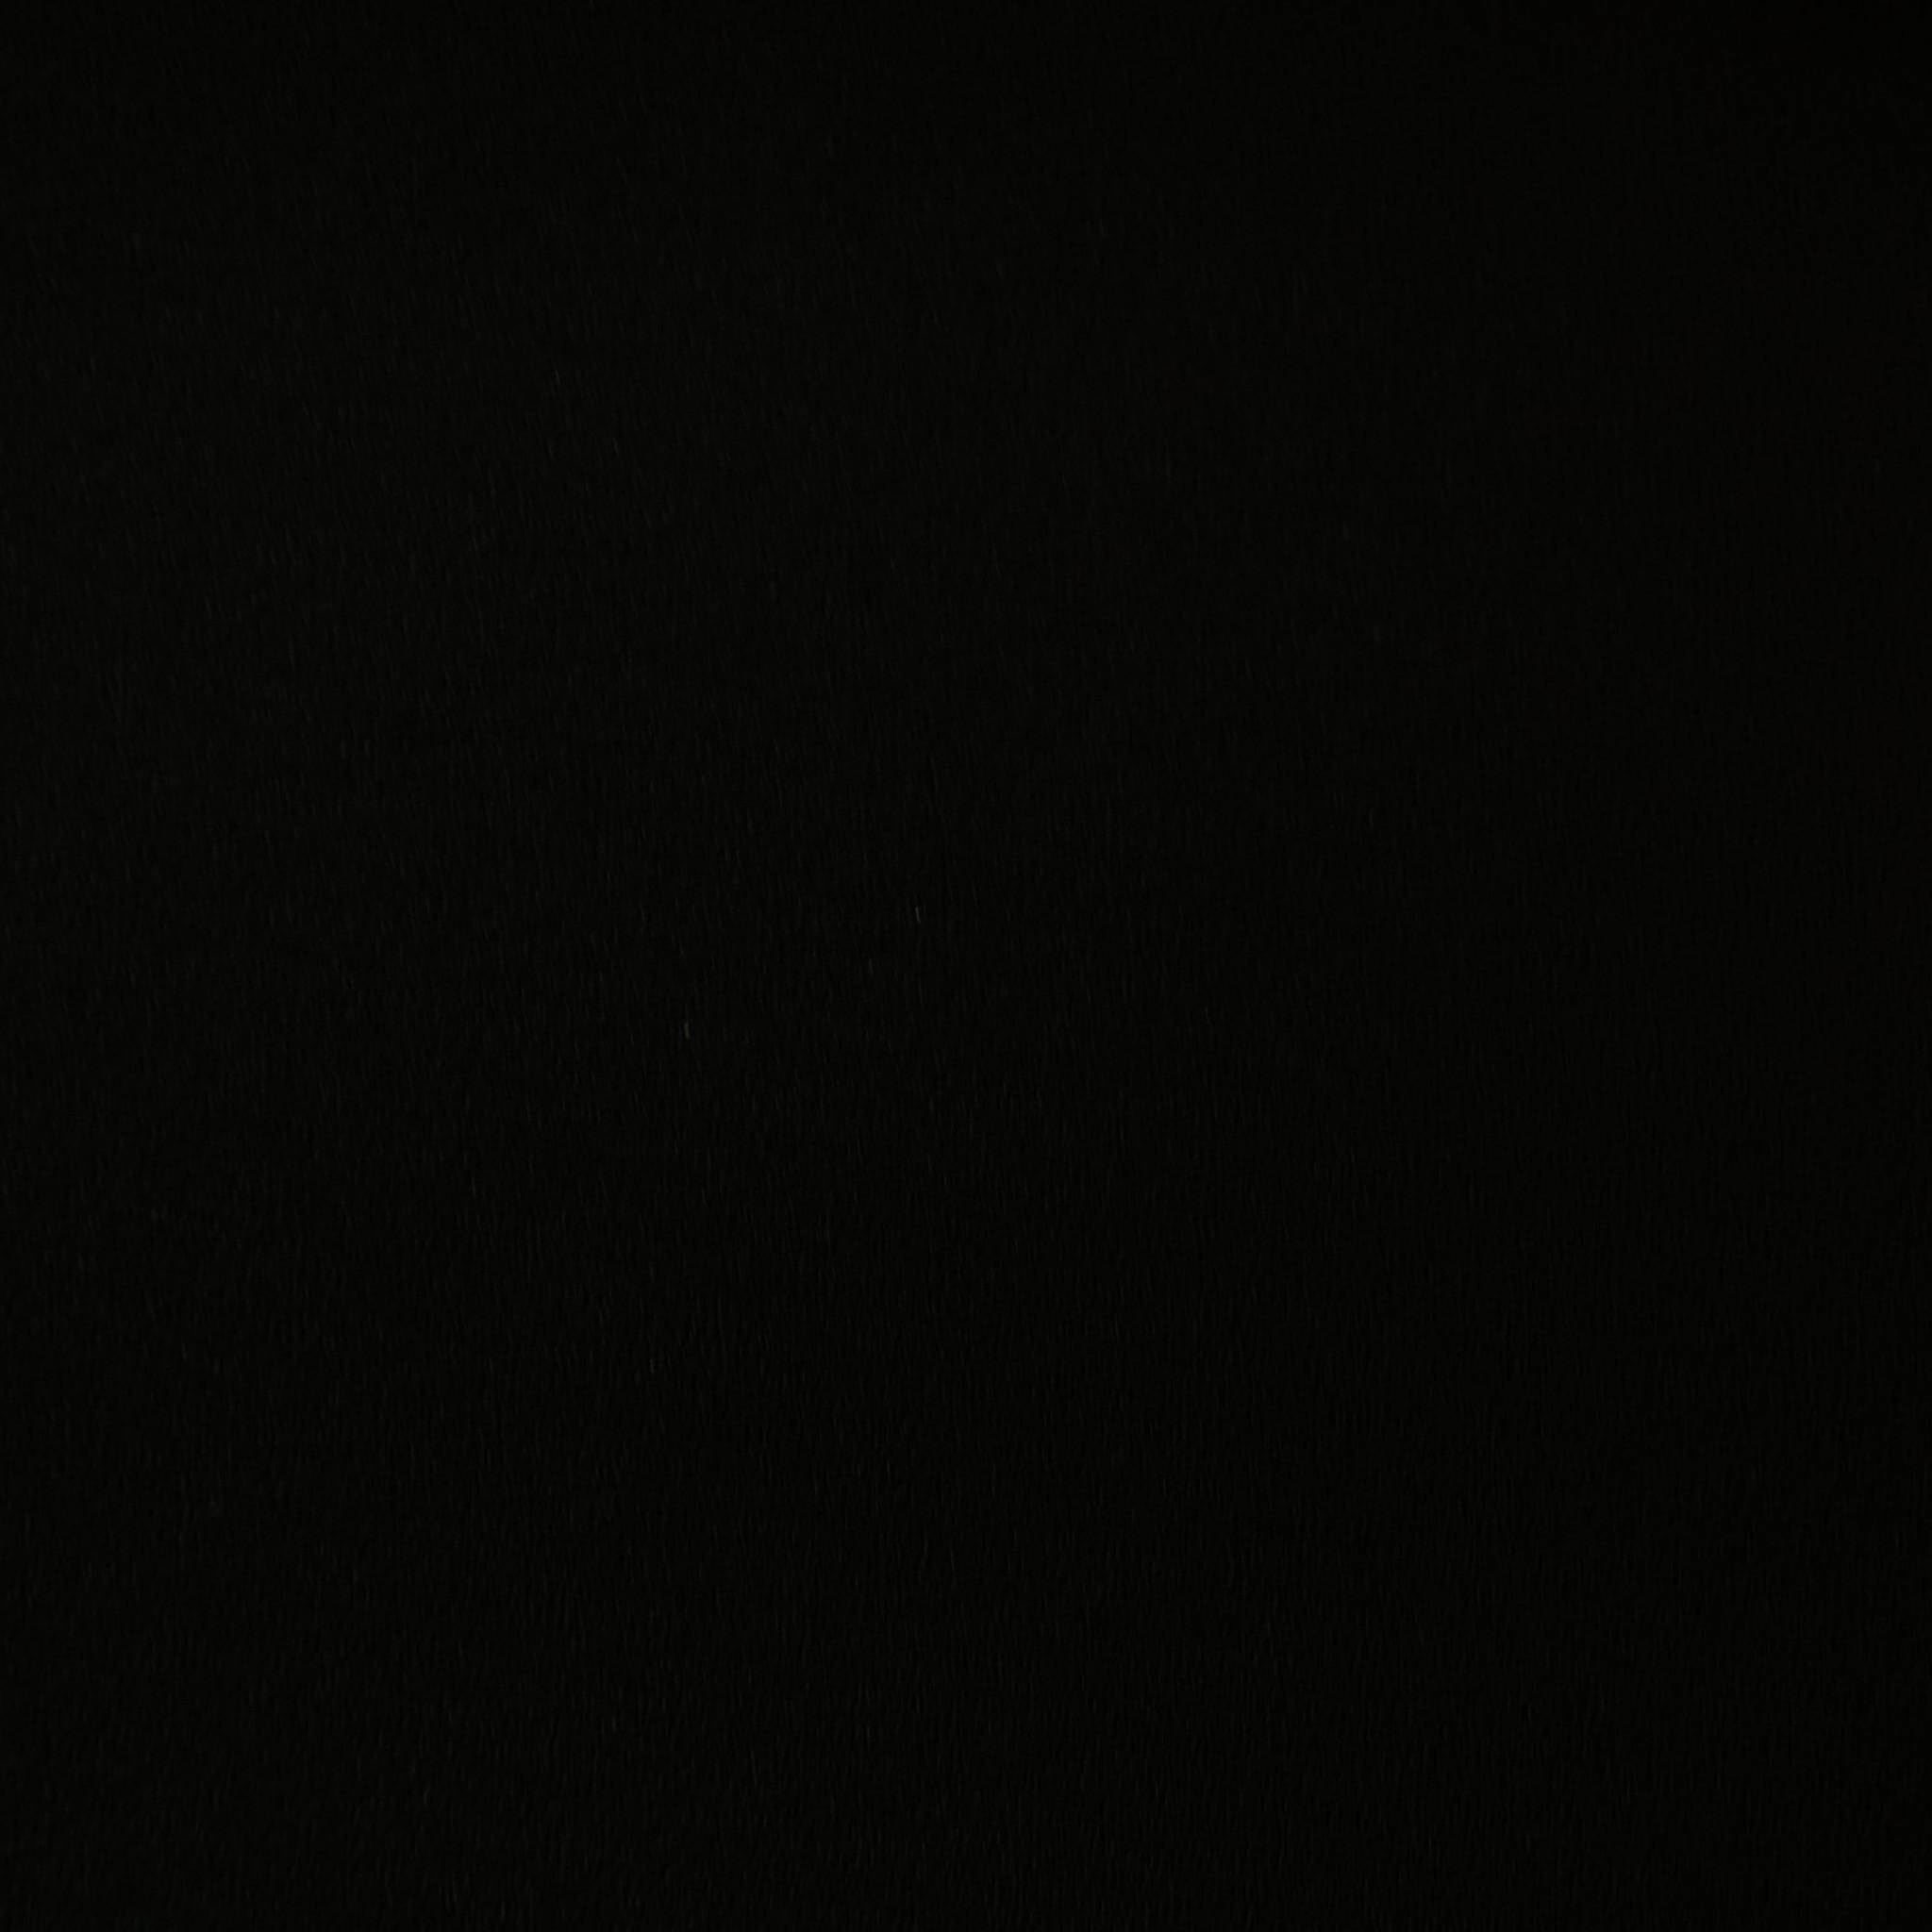 Innenfilm Rough Dark Black